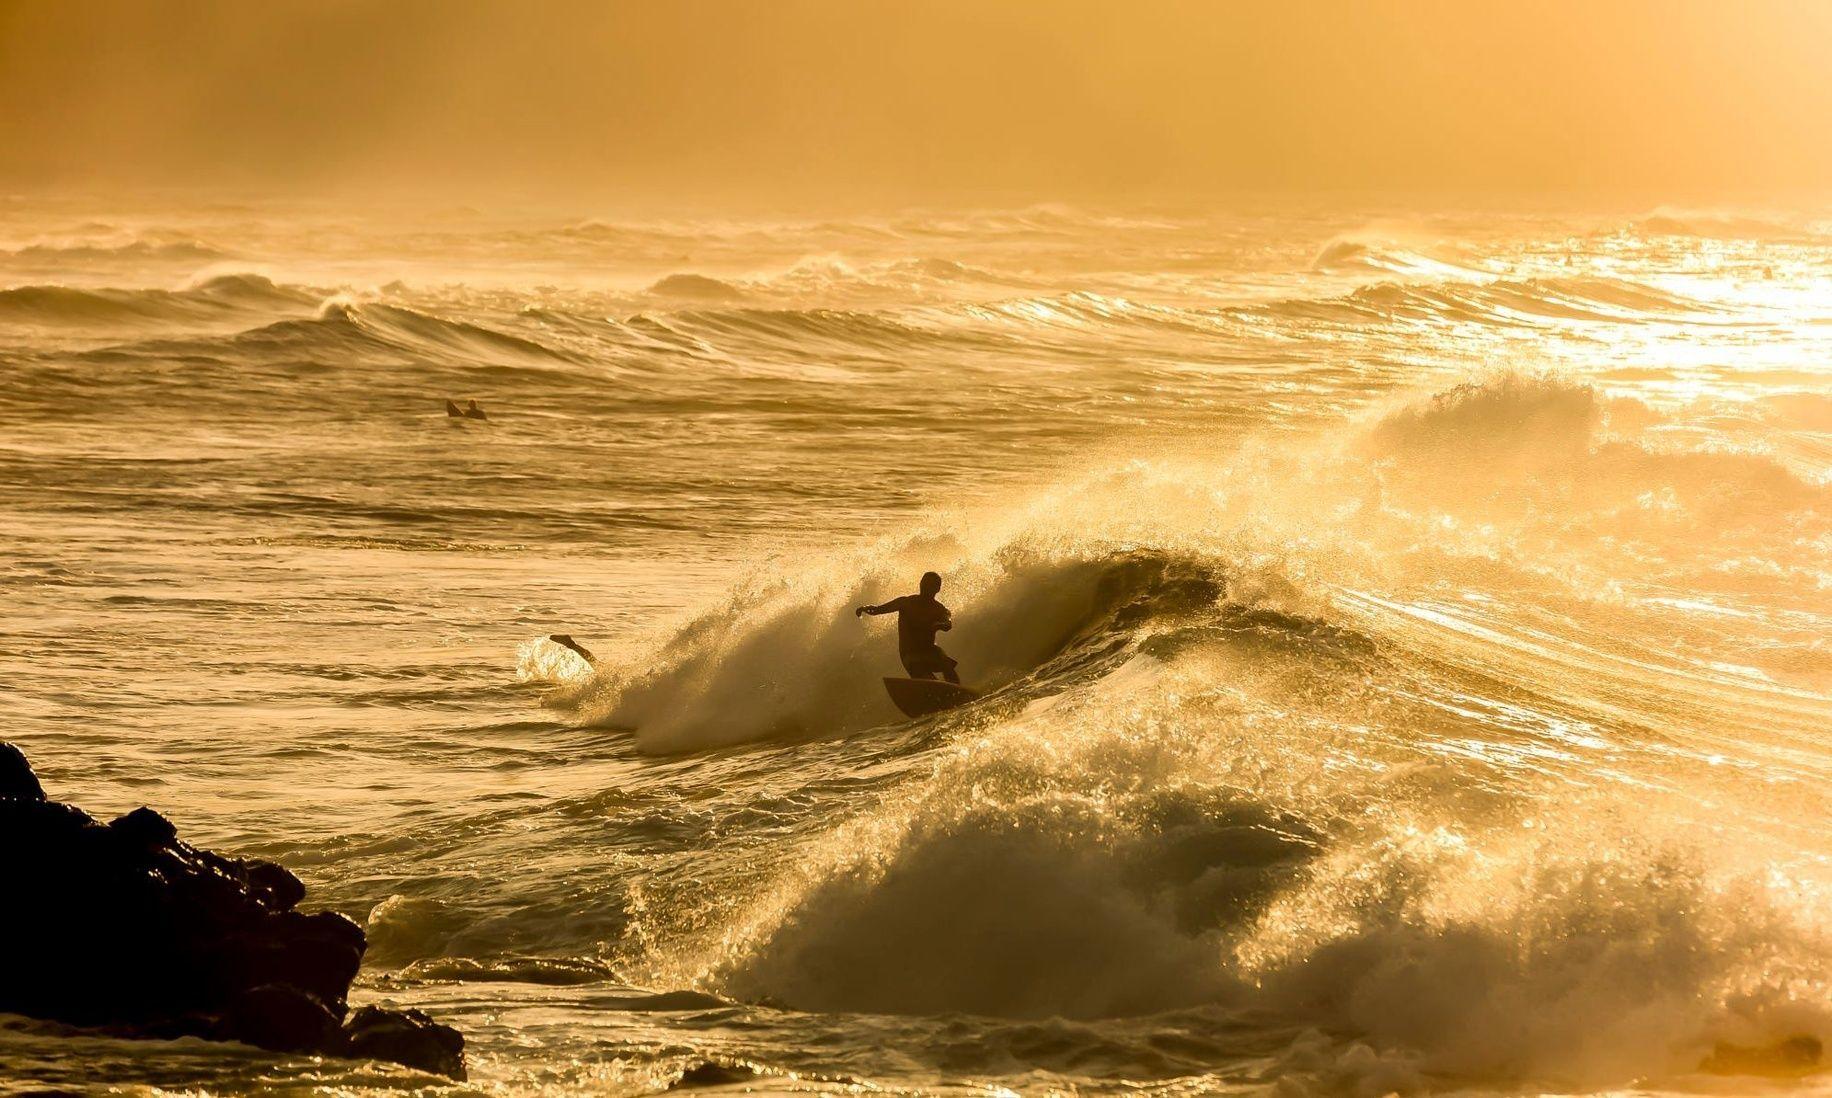 Si le echas algo de ganas conseguirás que el mismo sol gire en torno a ti ------------- Ojo no confundir con pensar que todo gira en torno a ti (error). Sé tú mismo cree en ti nada más y... disfruta del día a día ------------- Fot.: GGuggenbuehl #hookipa #maui #hawaii #beach #playa #mar #sea #ocean #oceano #surf #surfer #surfing #surfstyle #ola #wave #atardecer #sunset #musica #music ------------- Carreteras infinitas - Sidonie